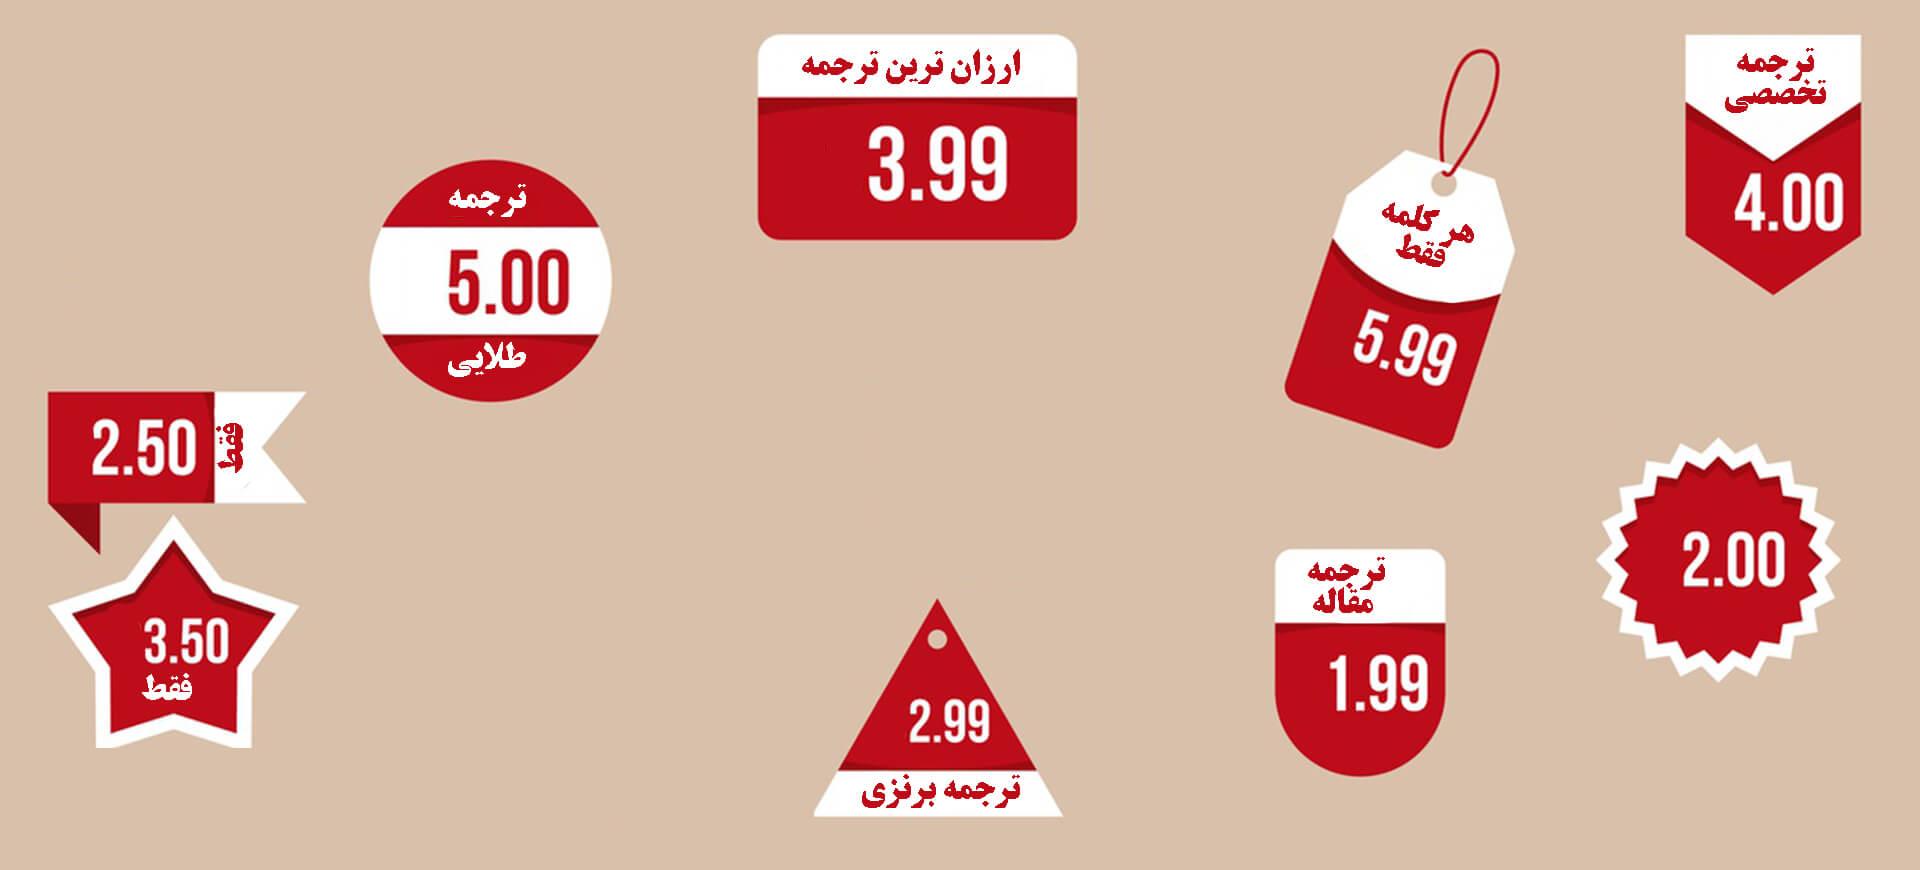 استاندارد قیمت ترجمه